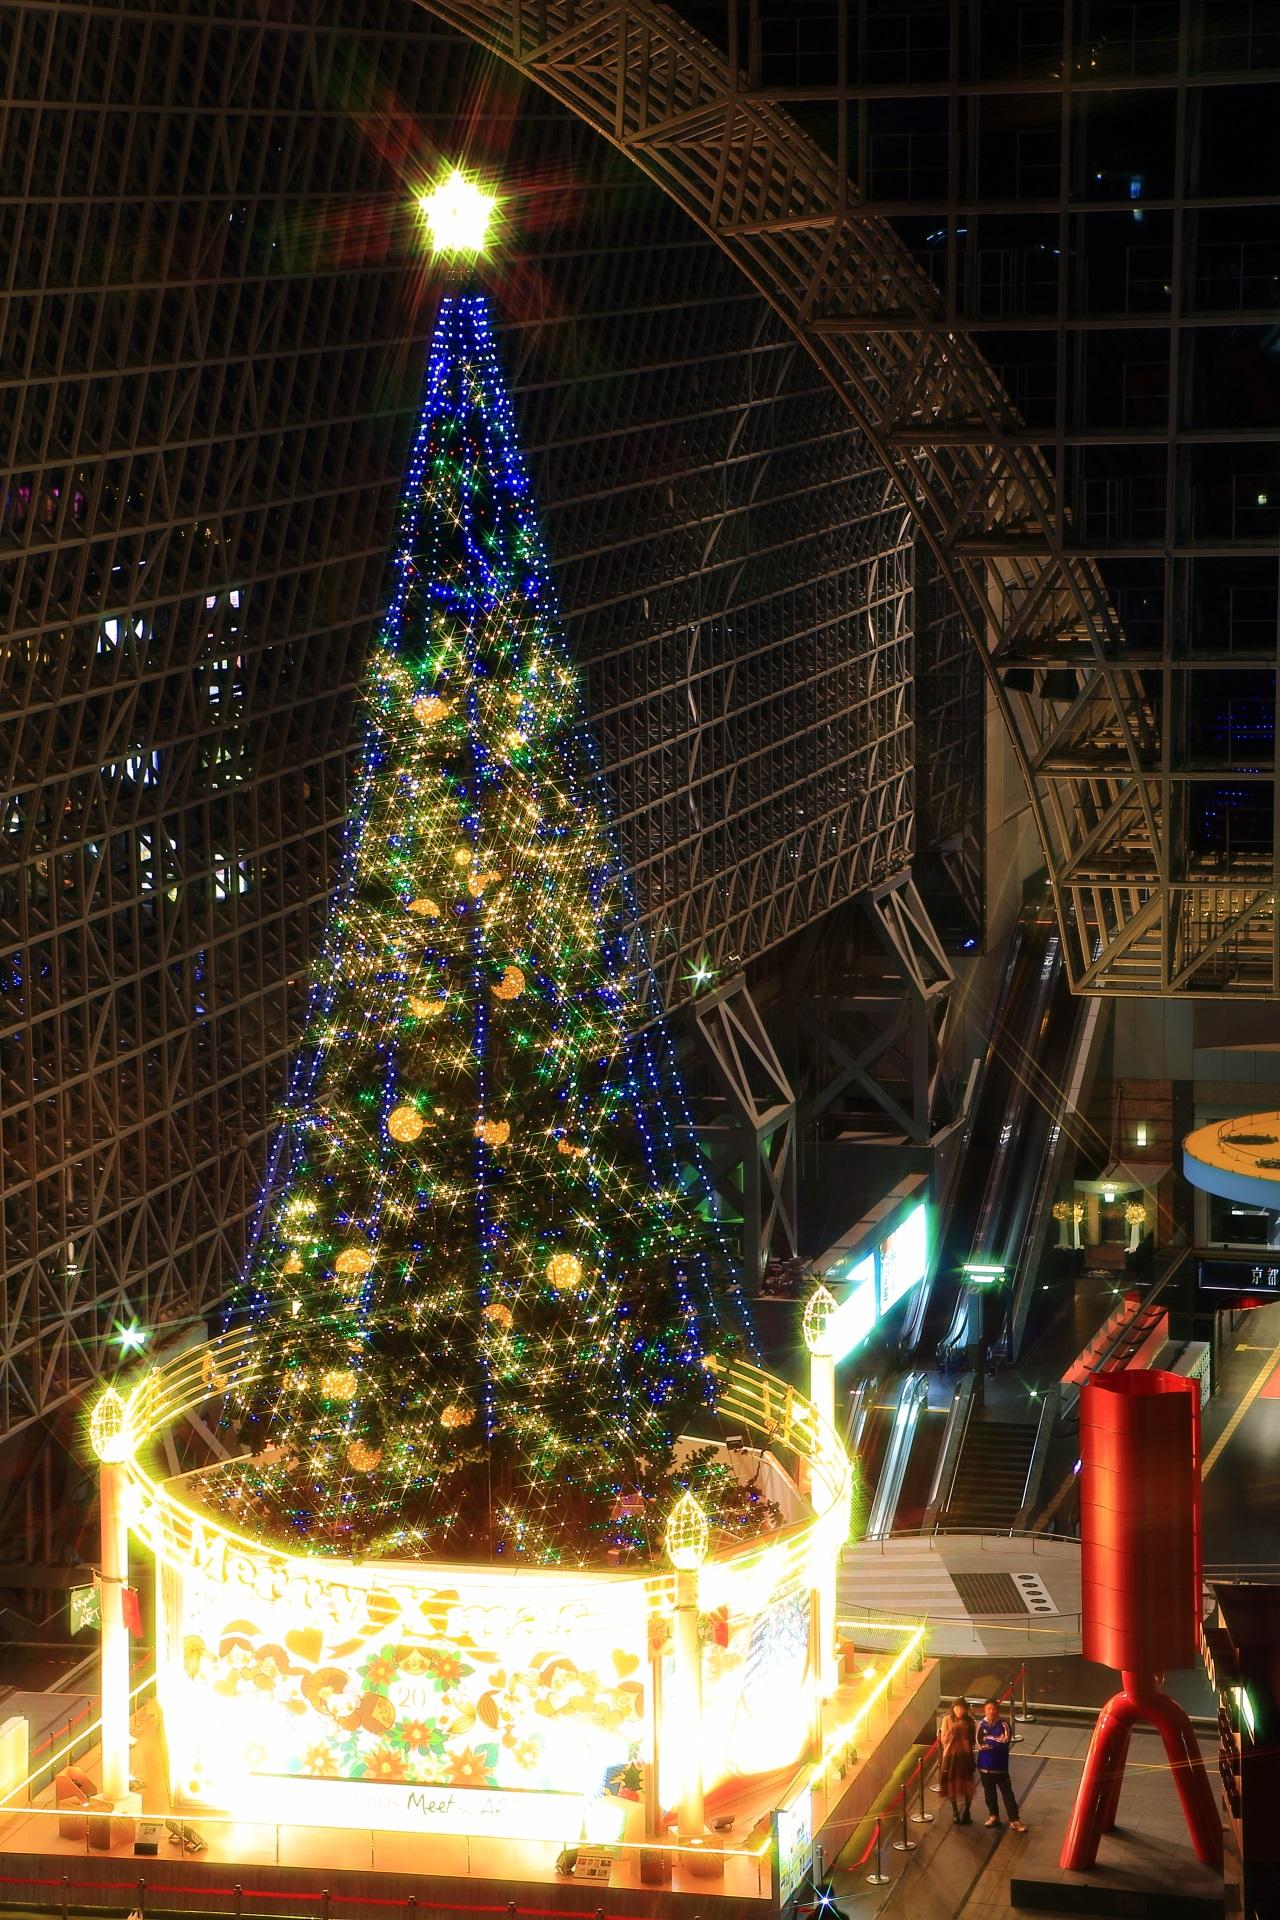 大階段から見下ろしたクリスマスツリー